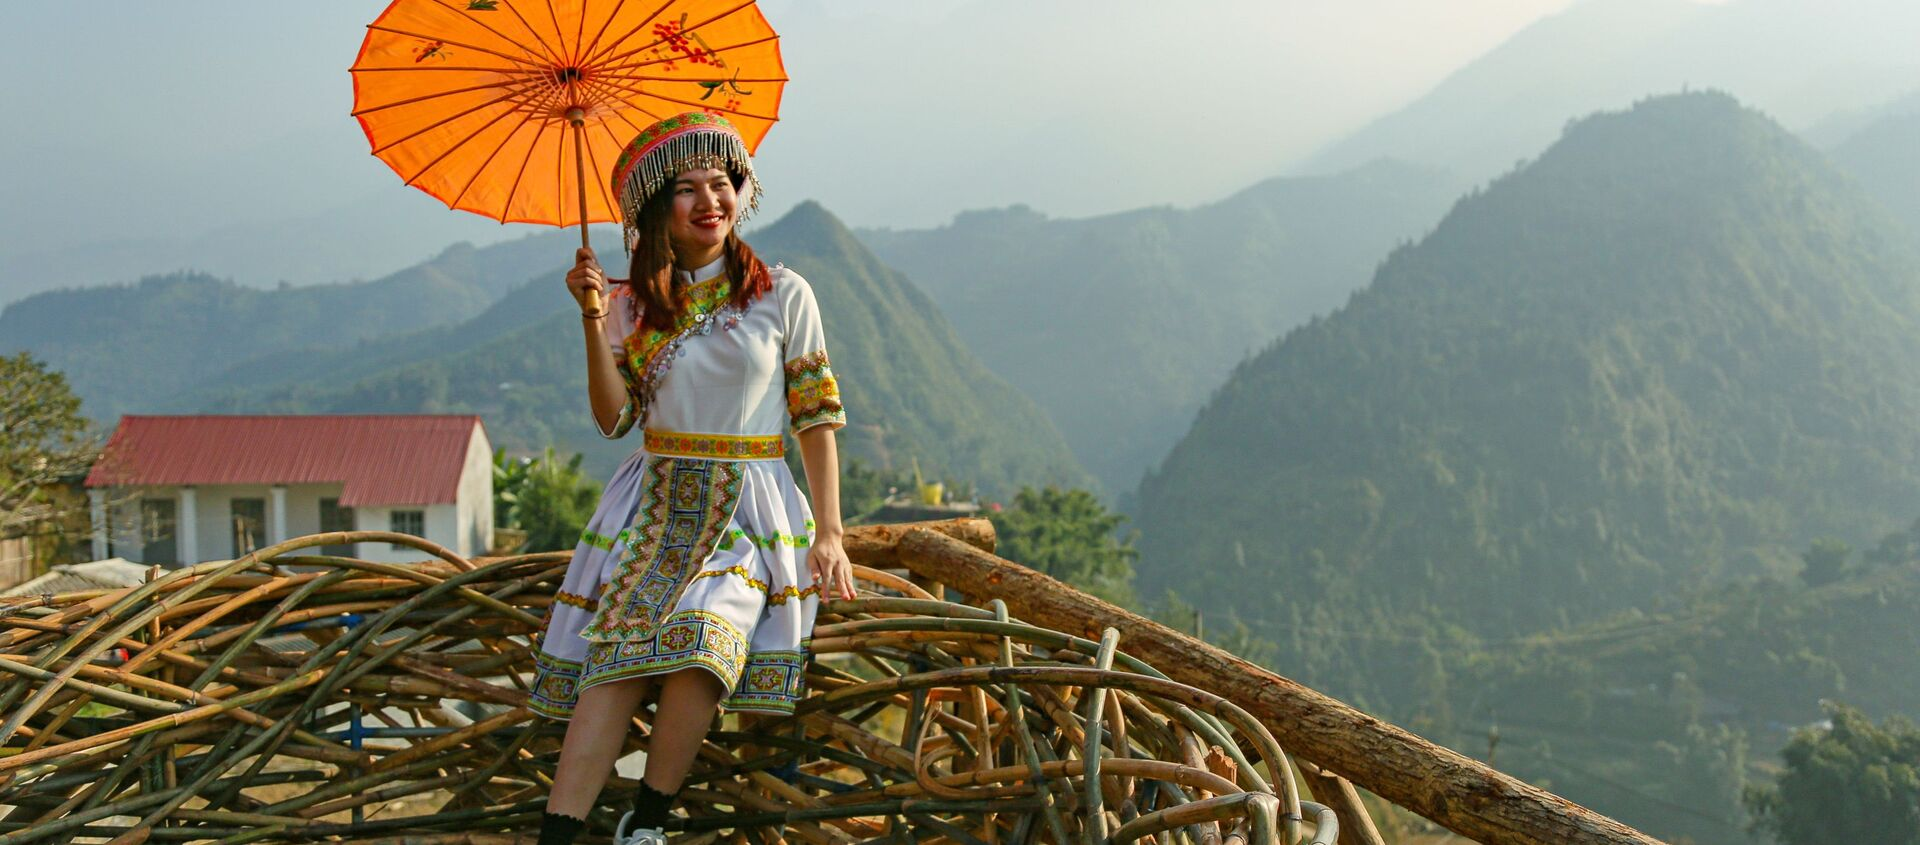 Một cô gái ở tỉnh Lào Cai, Việt Nam. - Sputnik Việt Nam, 1920, 25.08.2020